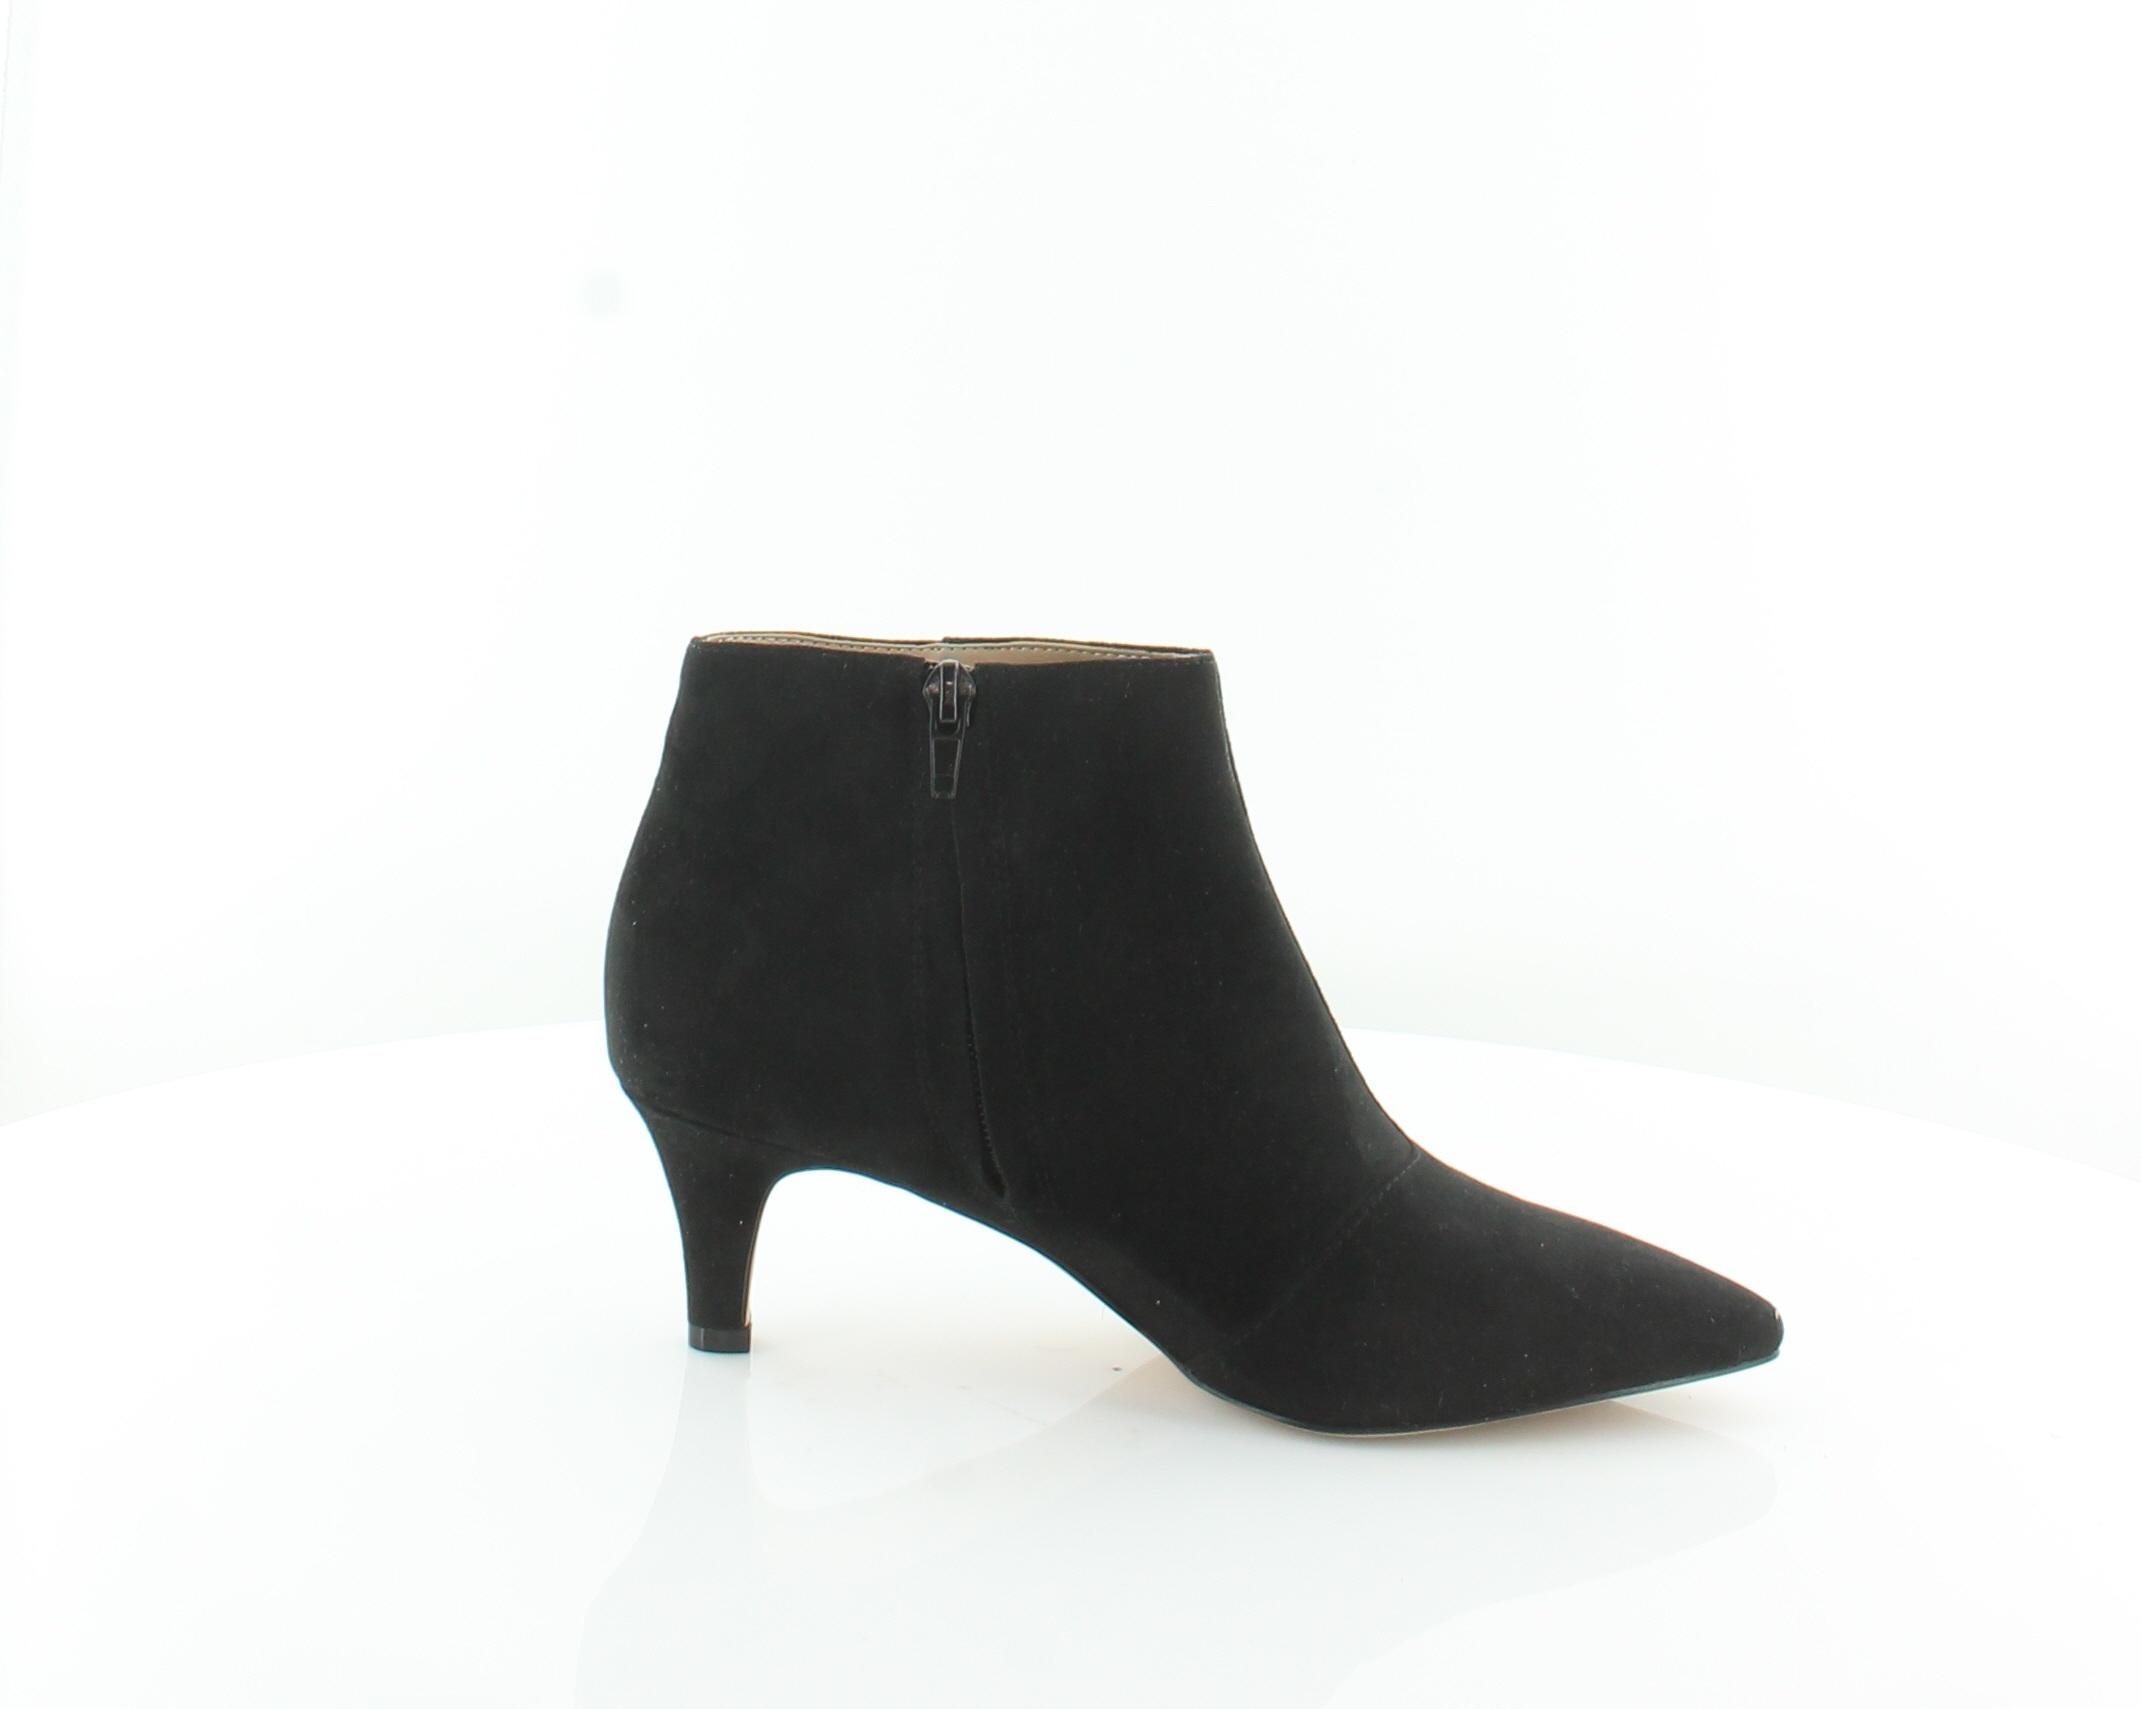 Incluye conceptos internacionales zennora Negro botas Zapatos para mujer 6 M precio minorista sugerido por el fabricante